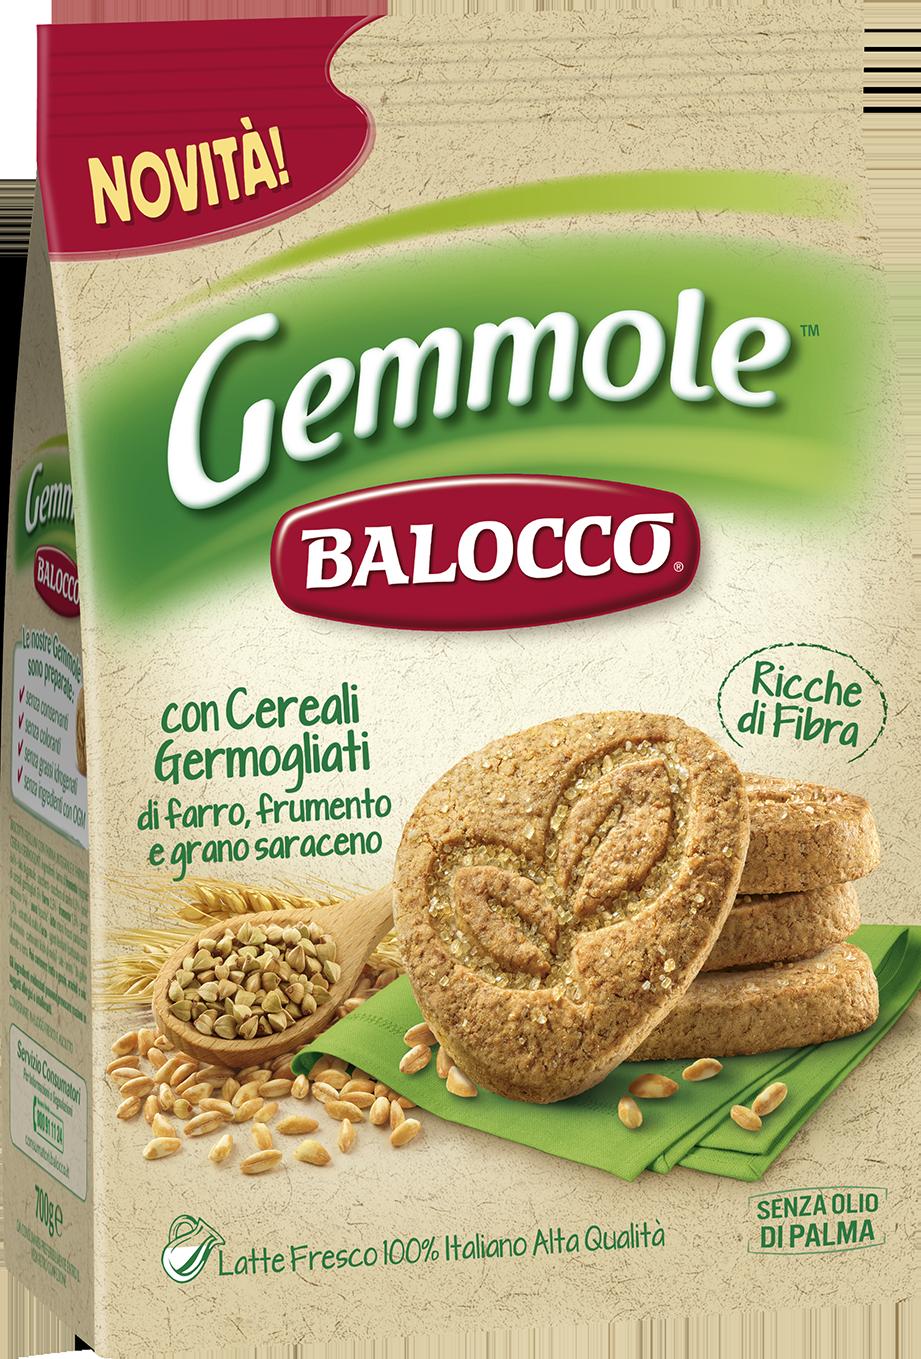 BISC.GEMMOLE BALOCCO  G700